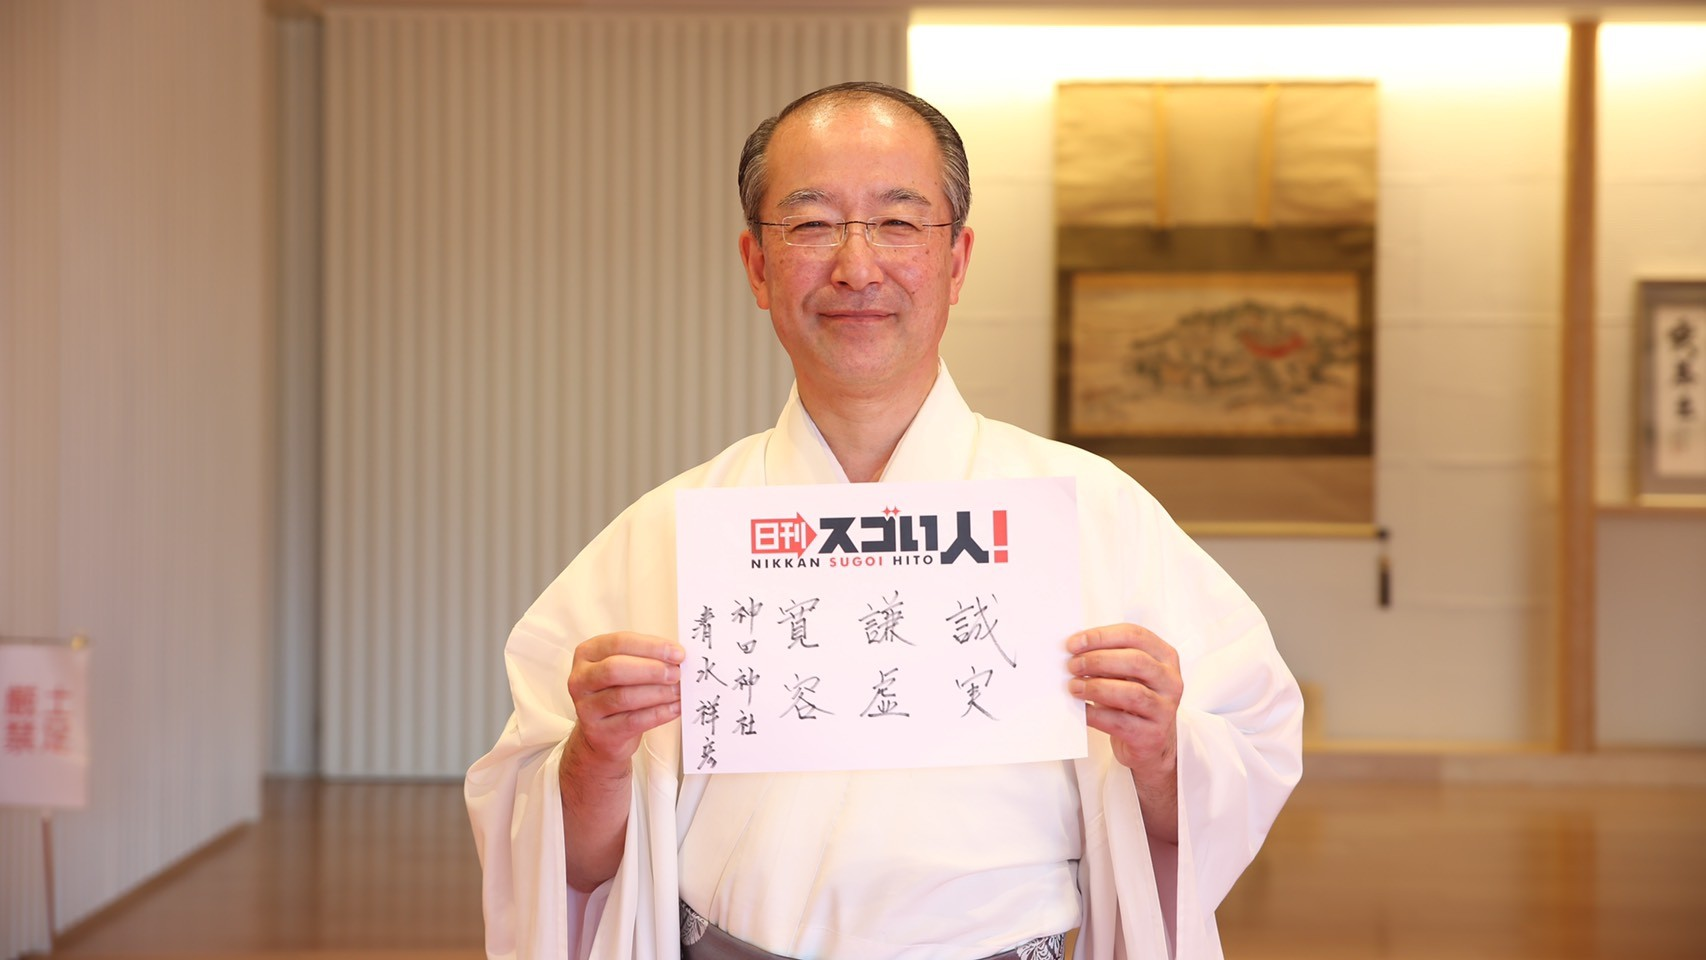 古来から日本に伝わる神道を現代カルチャーに結びつけるスゴい人 DAY1